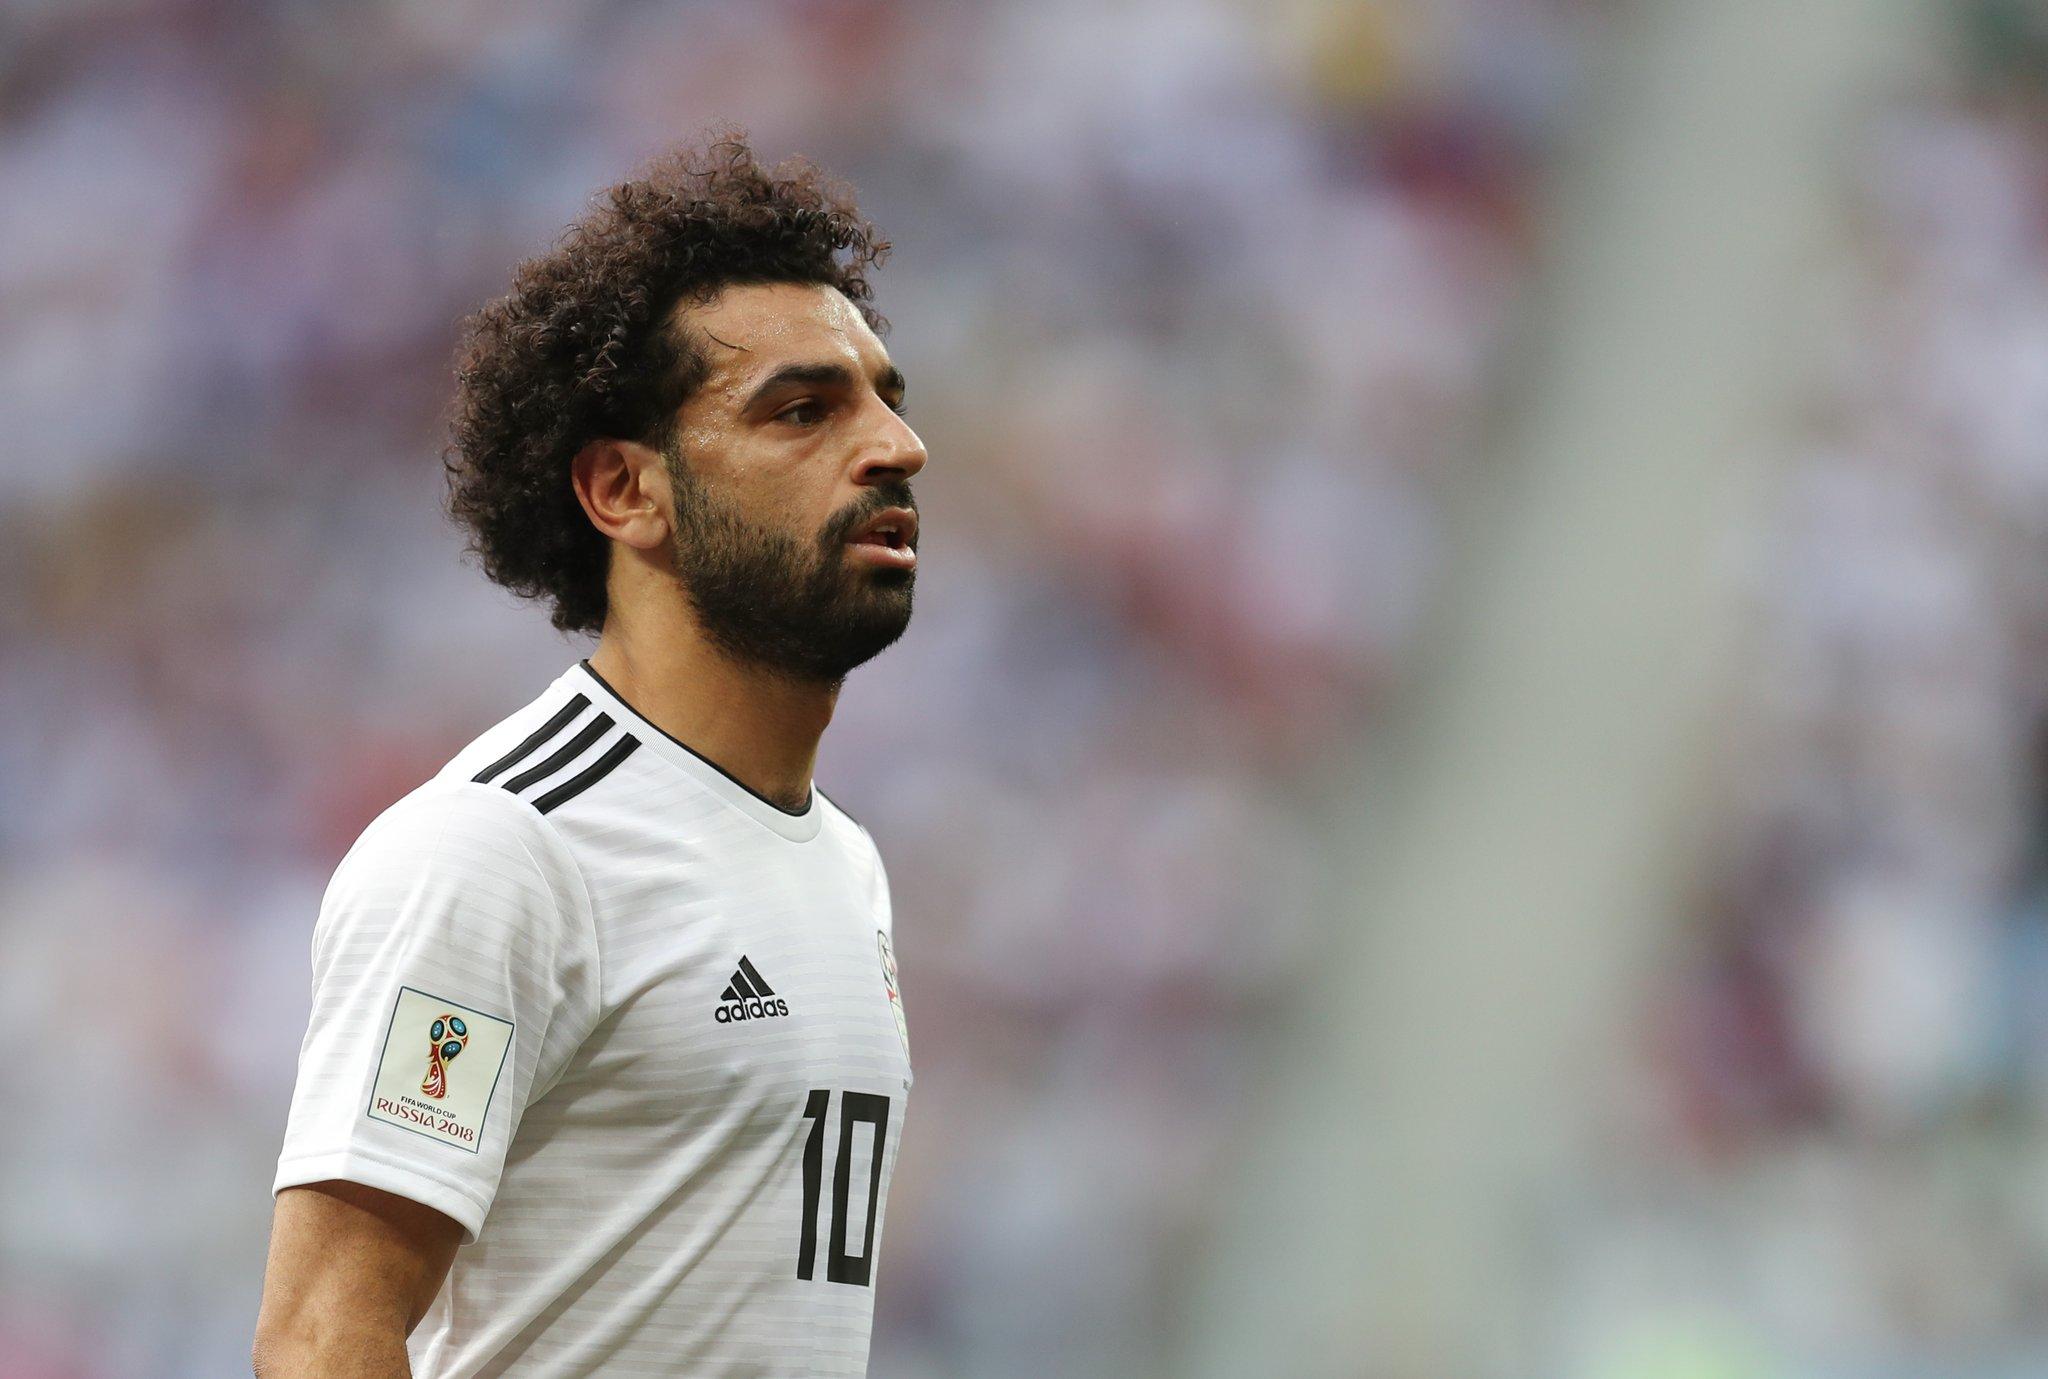 Vì Salah, cả nước Anh chống lại Ramos - Bóng Đá